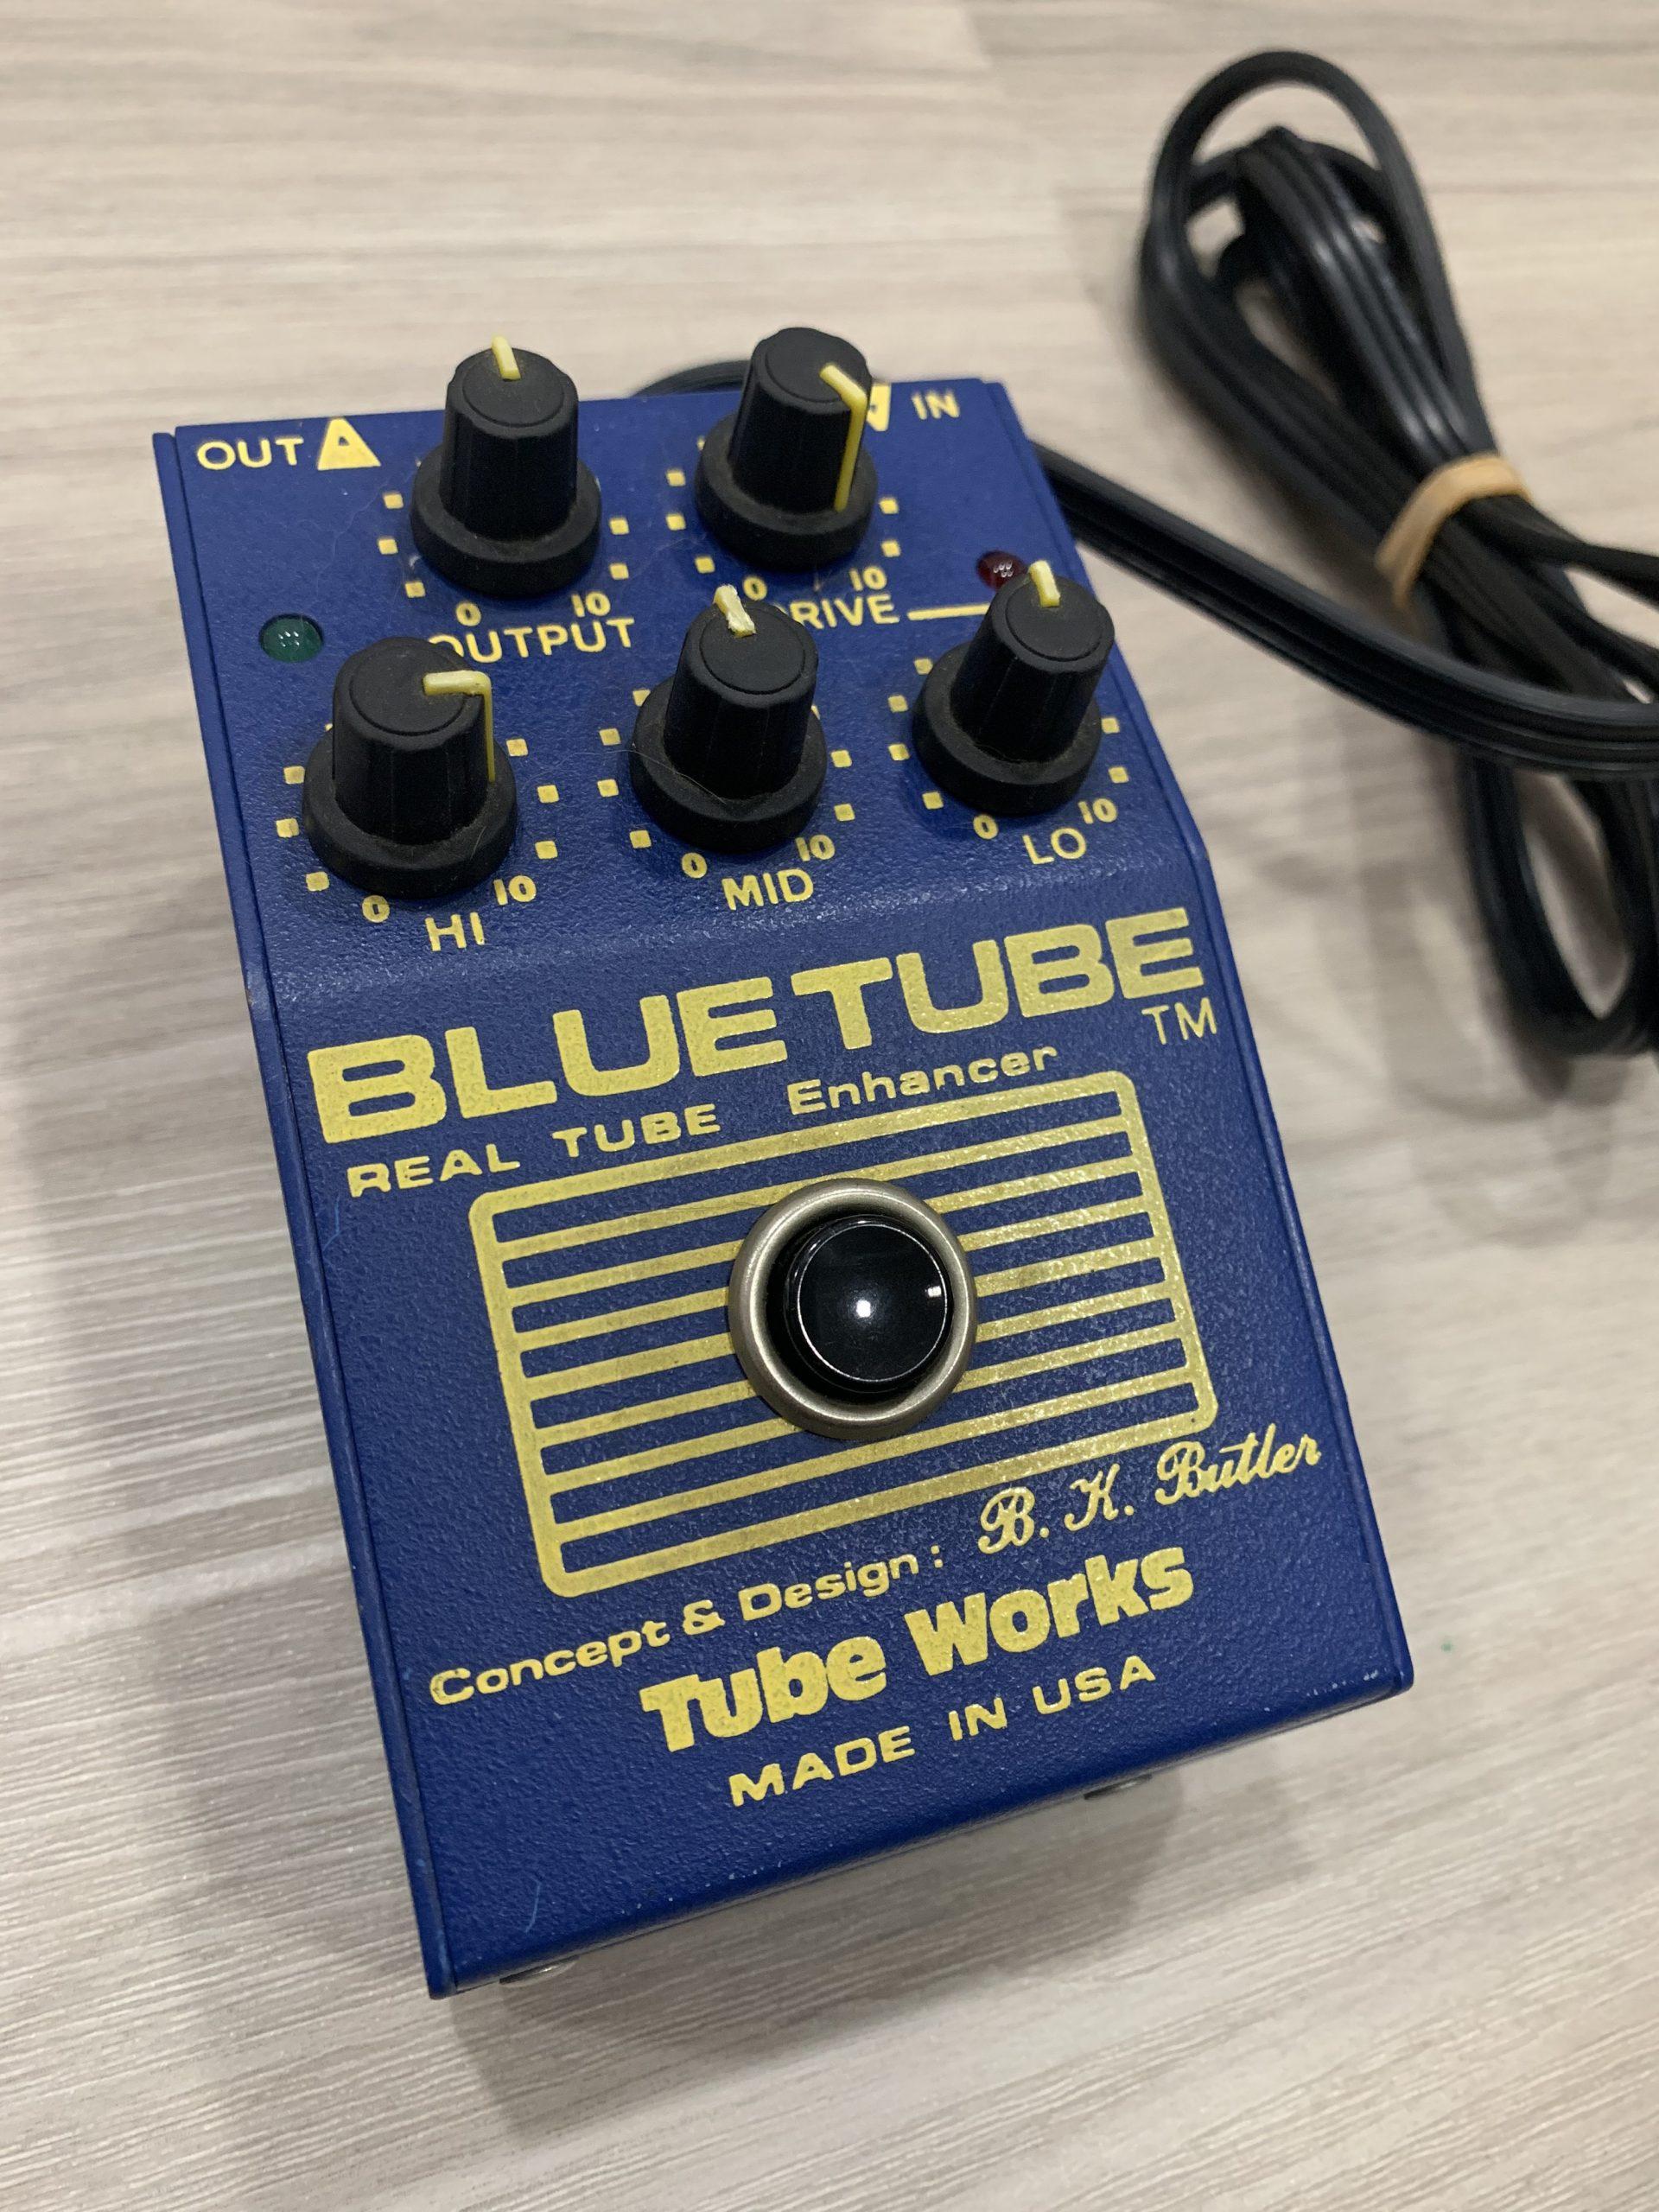 Tube Works Blue Tube